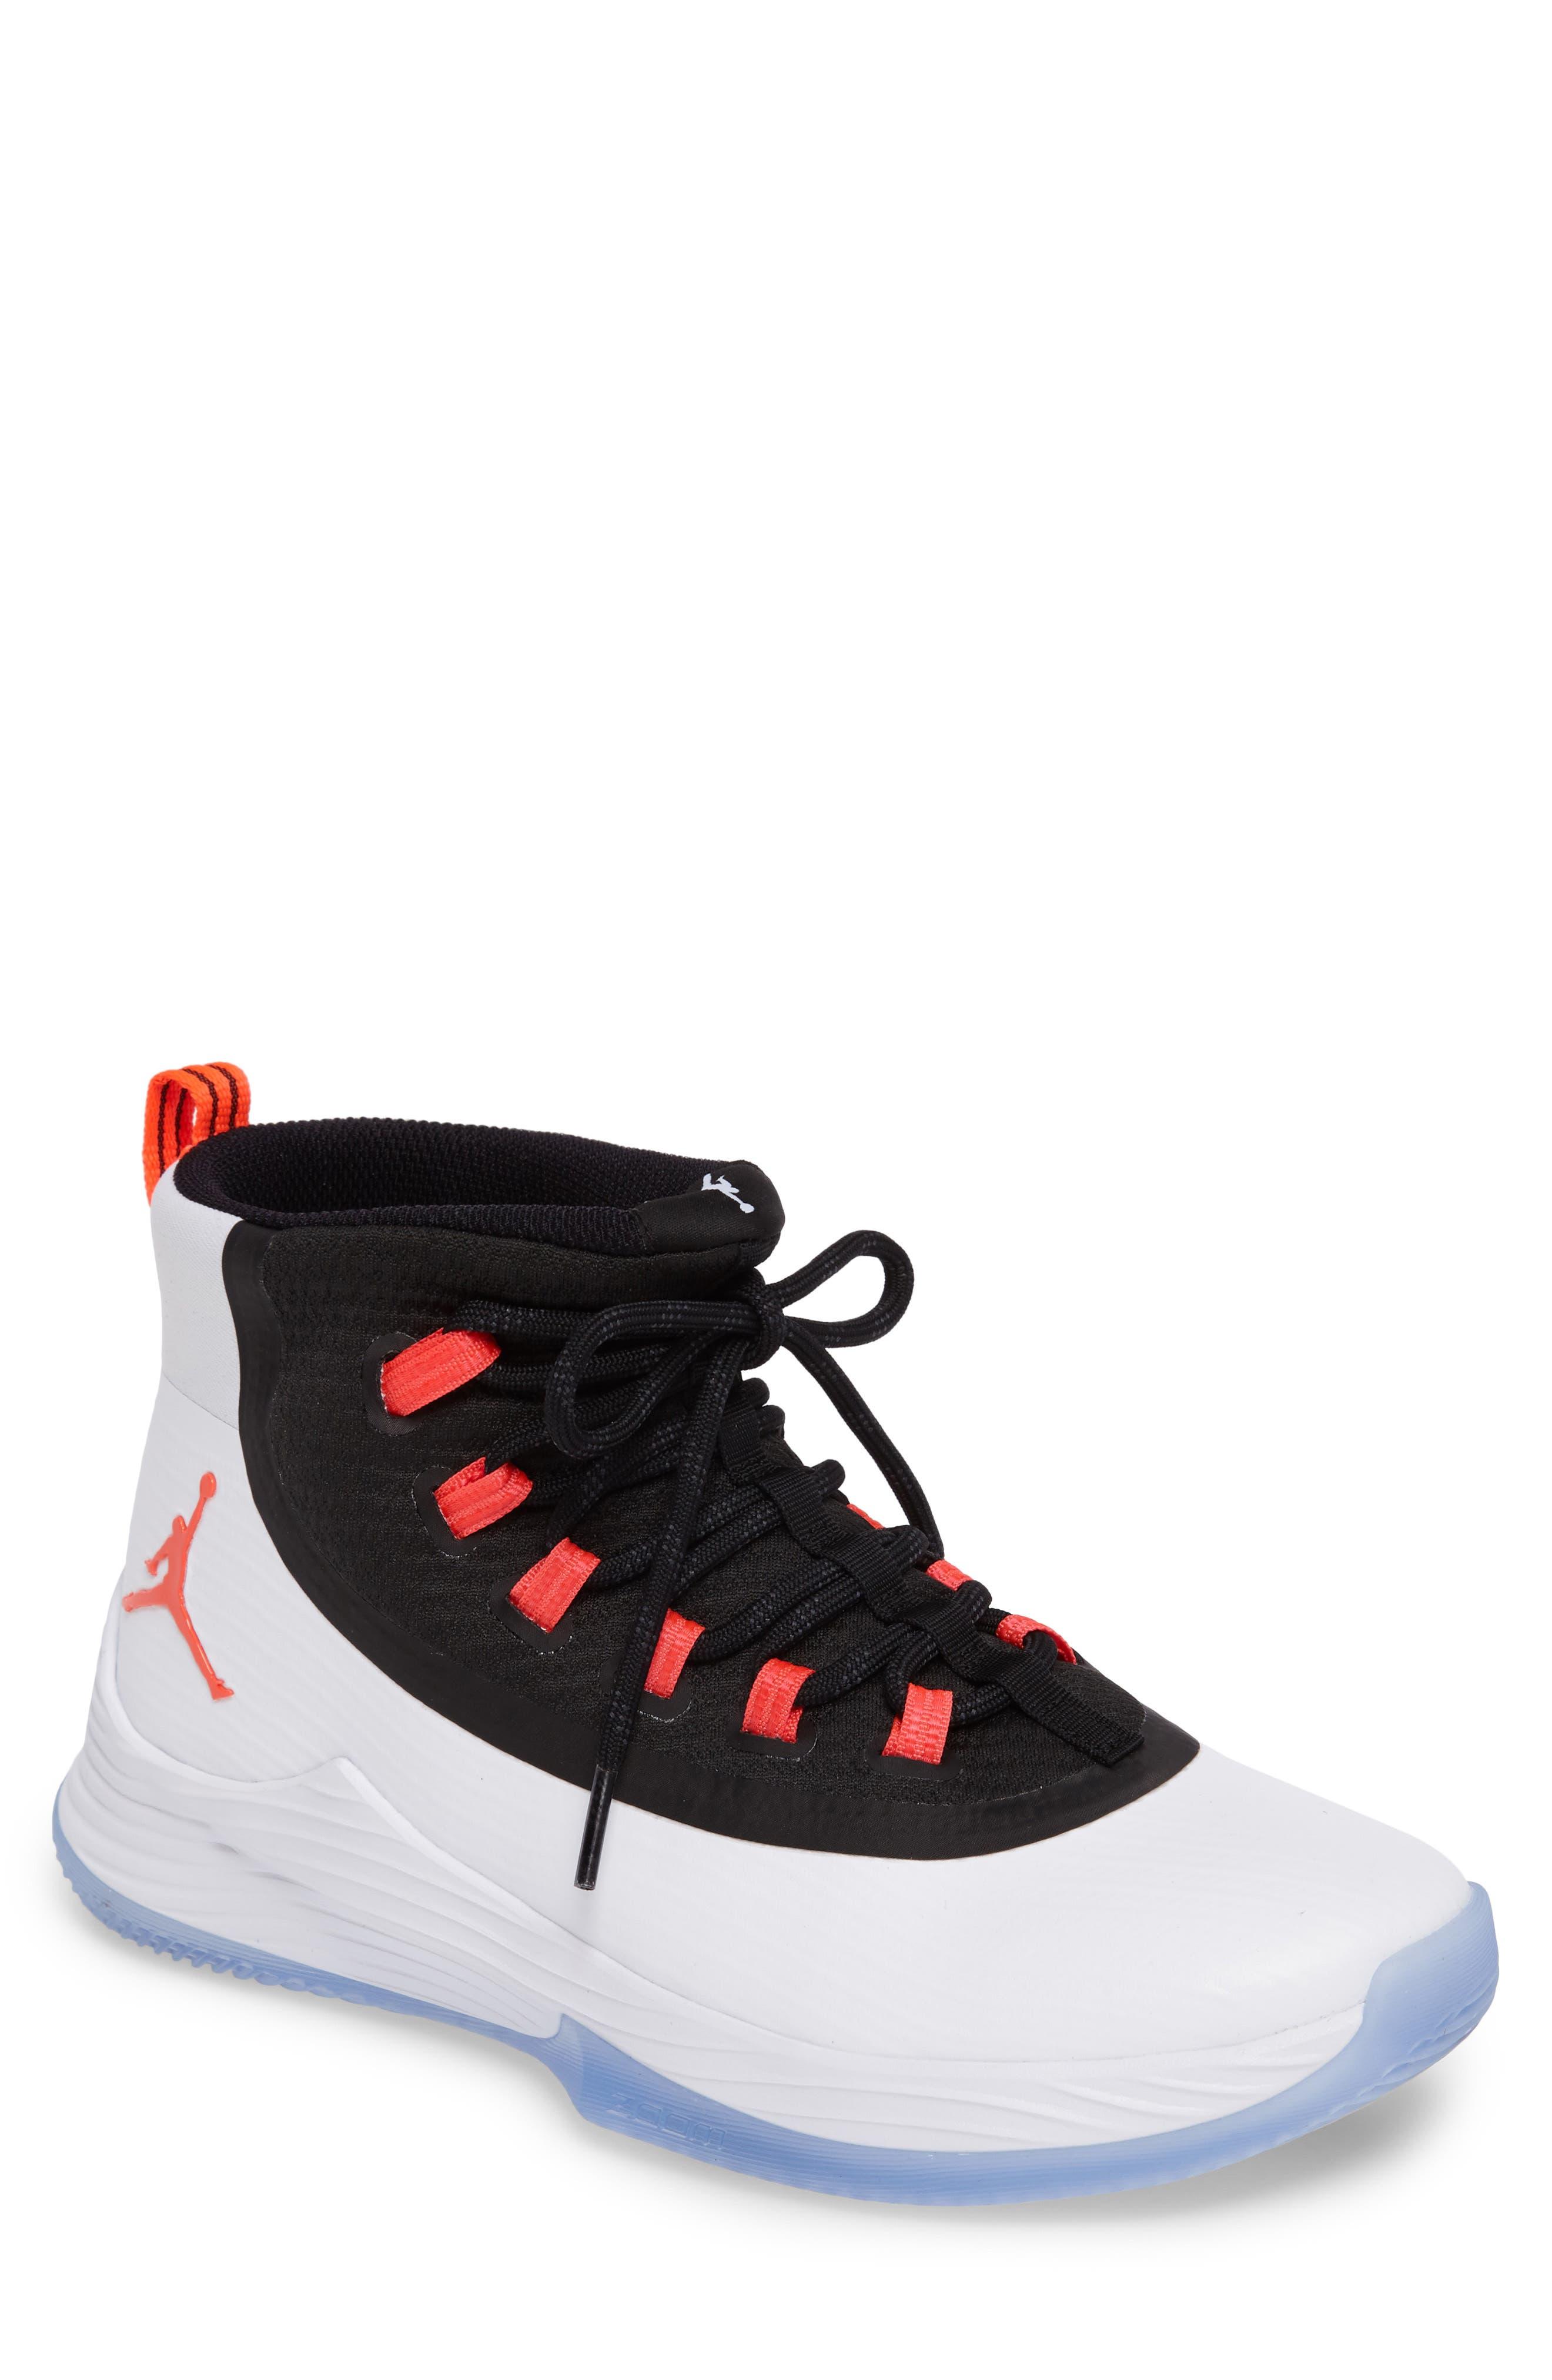 Jordan Ultra Fly 2 Basketball Shoe,                             Main thumbnail 2, color,